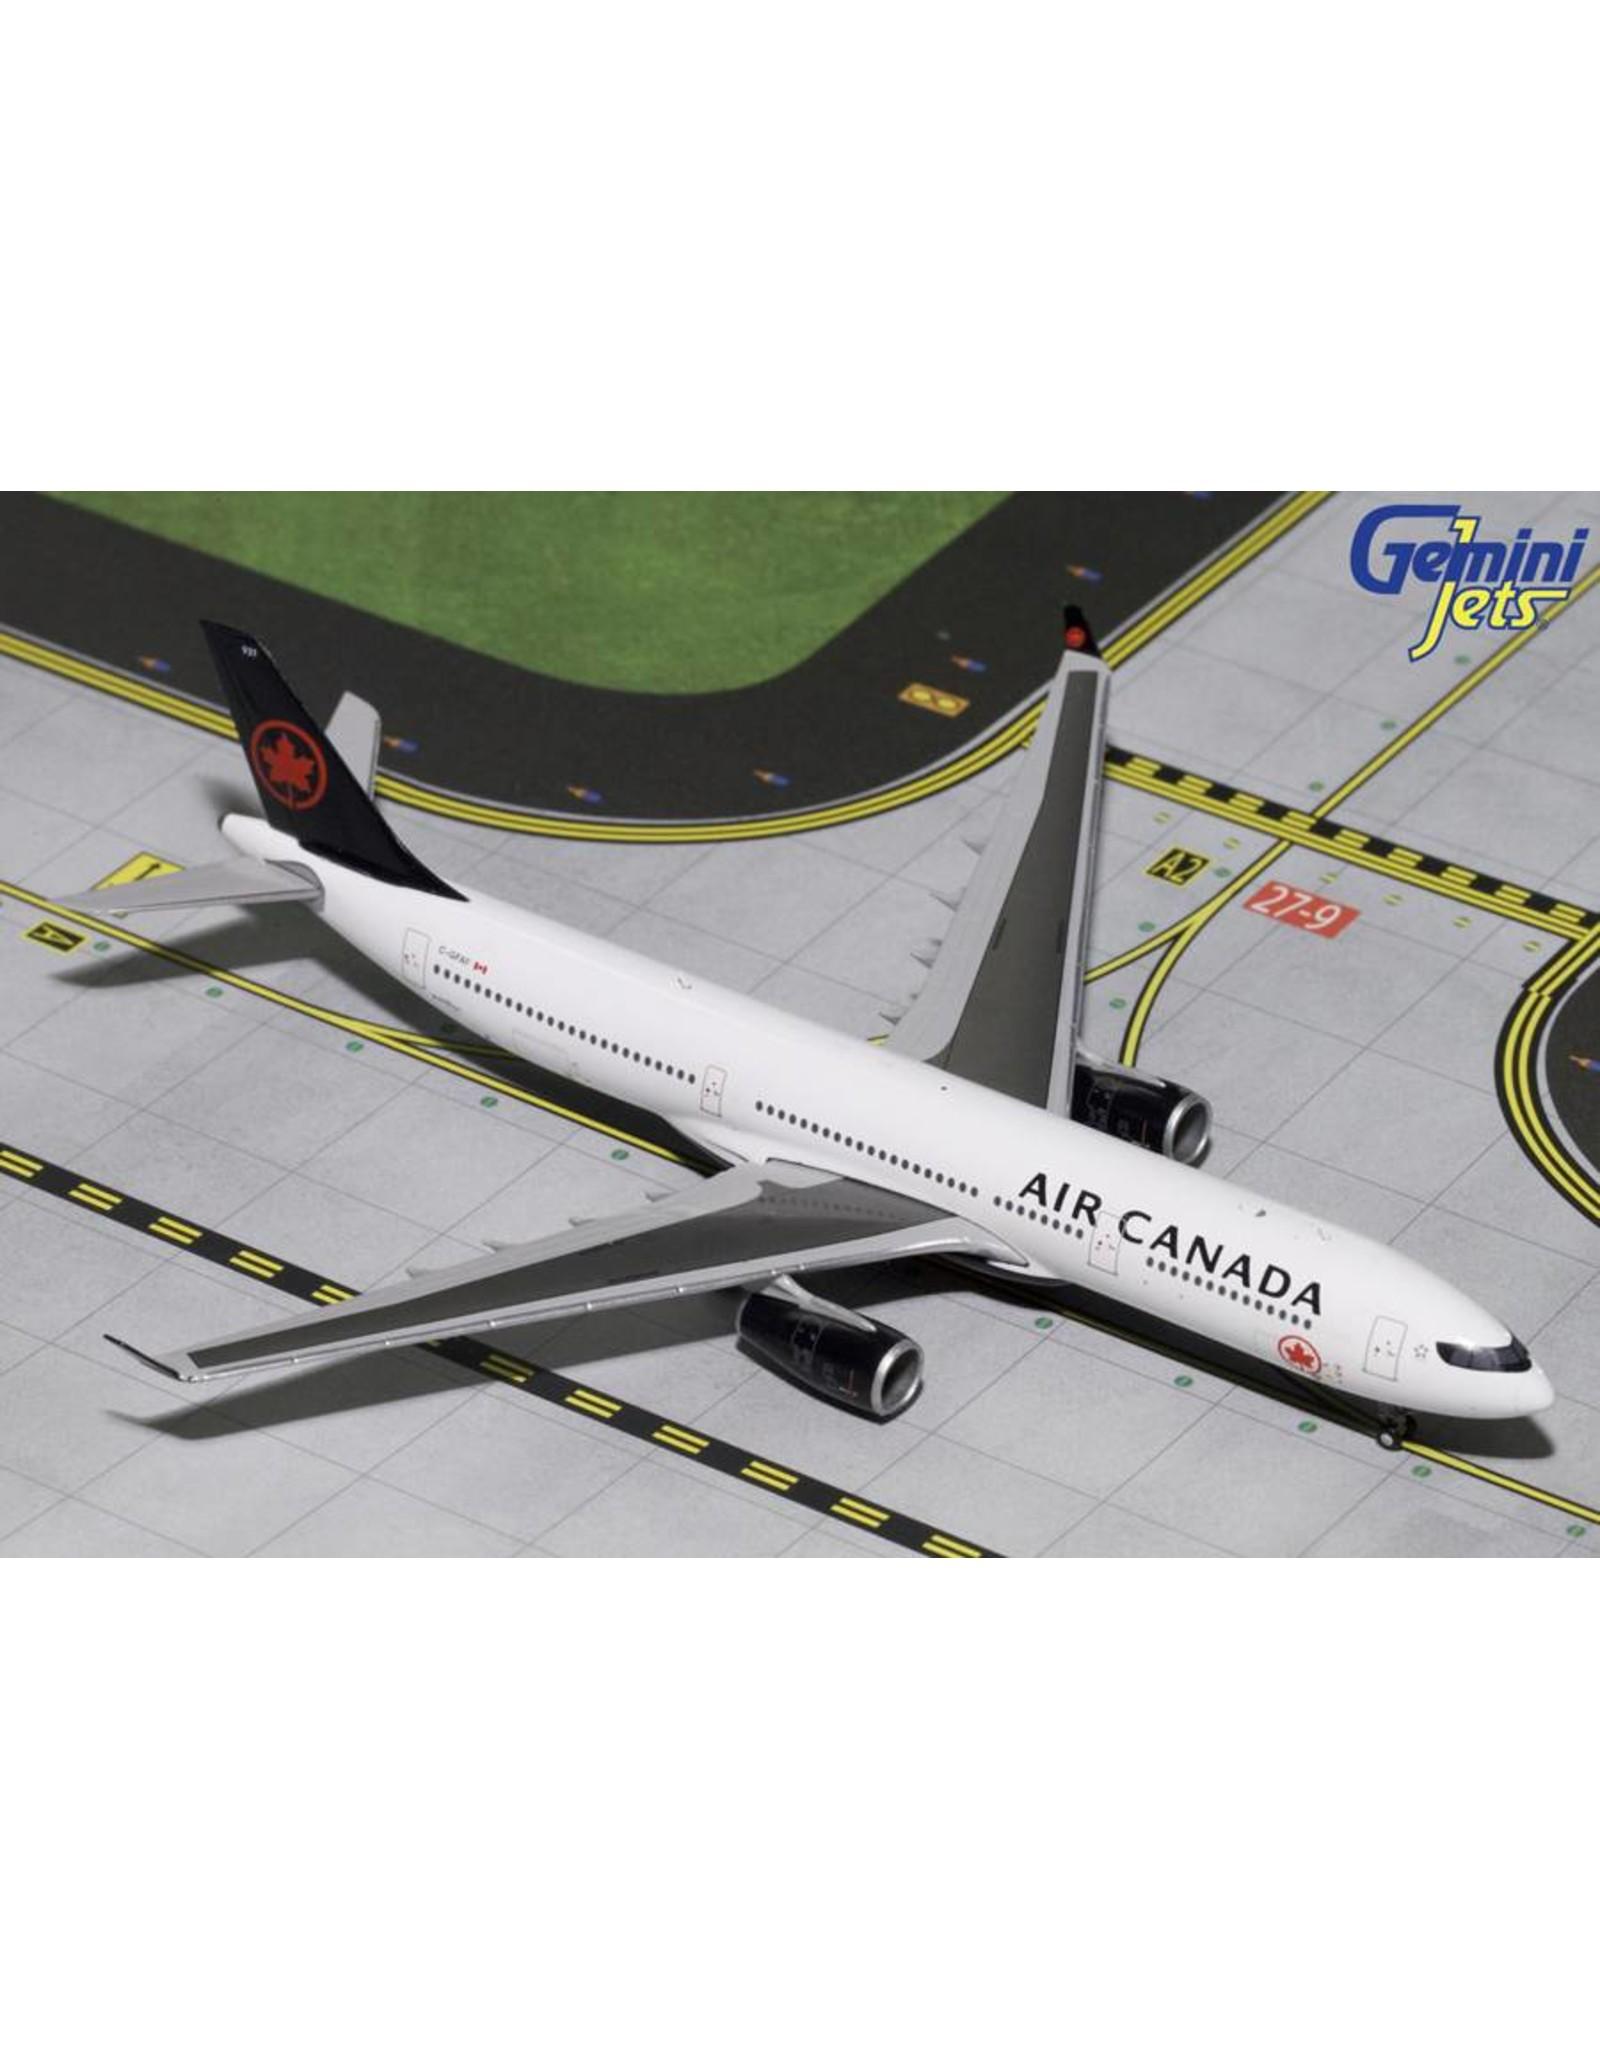 Gem4 Air Canada A330-300 new